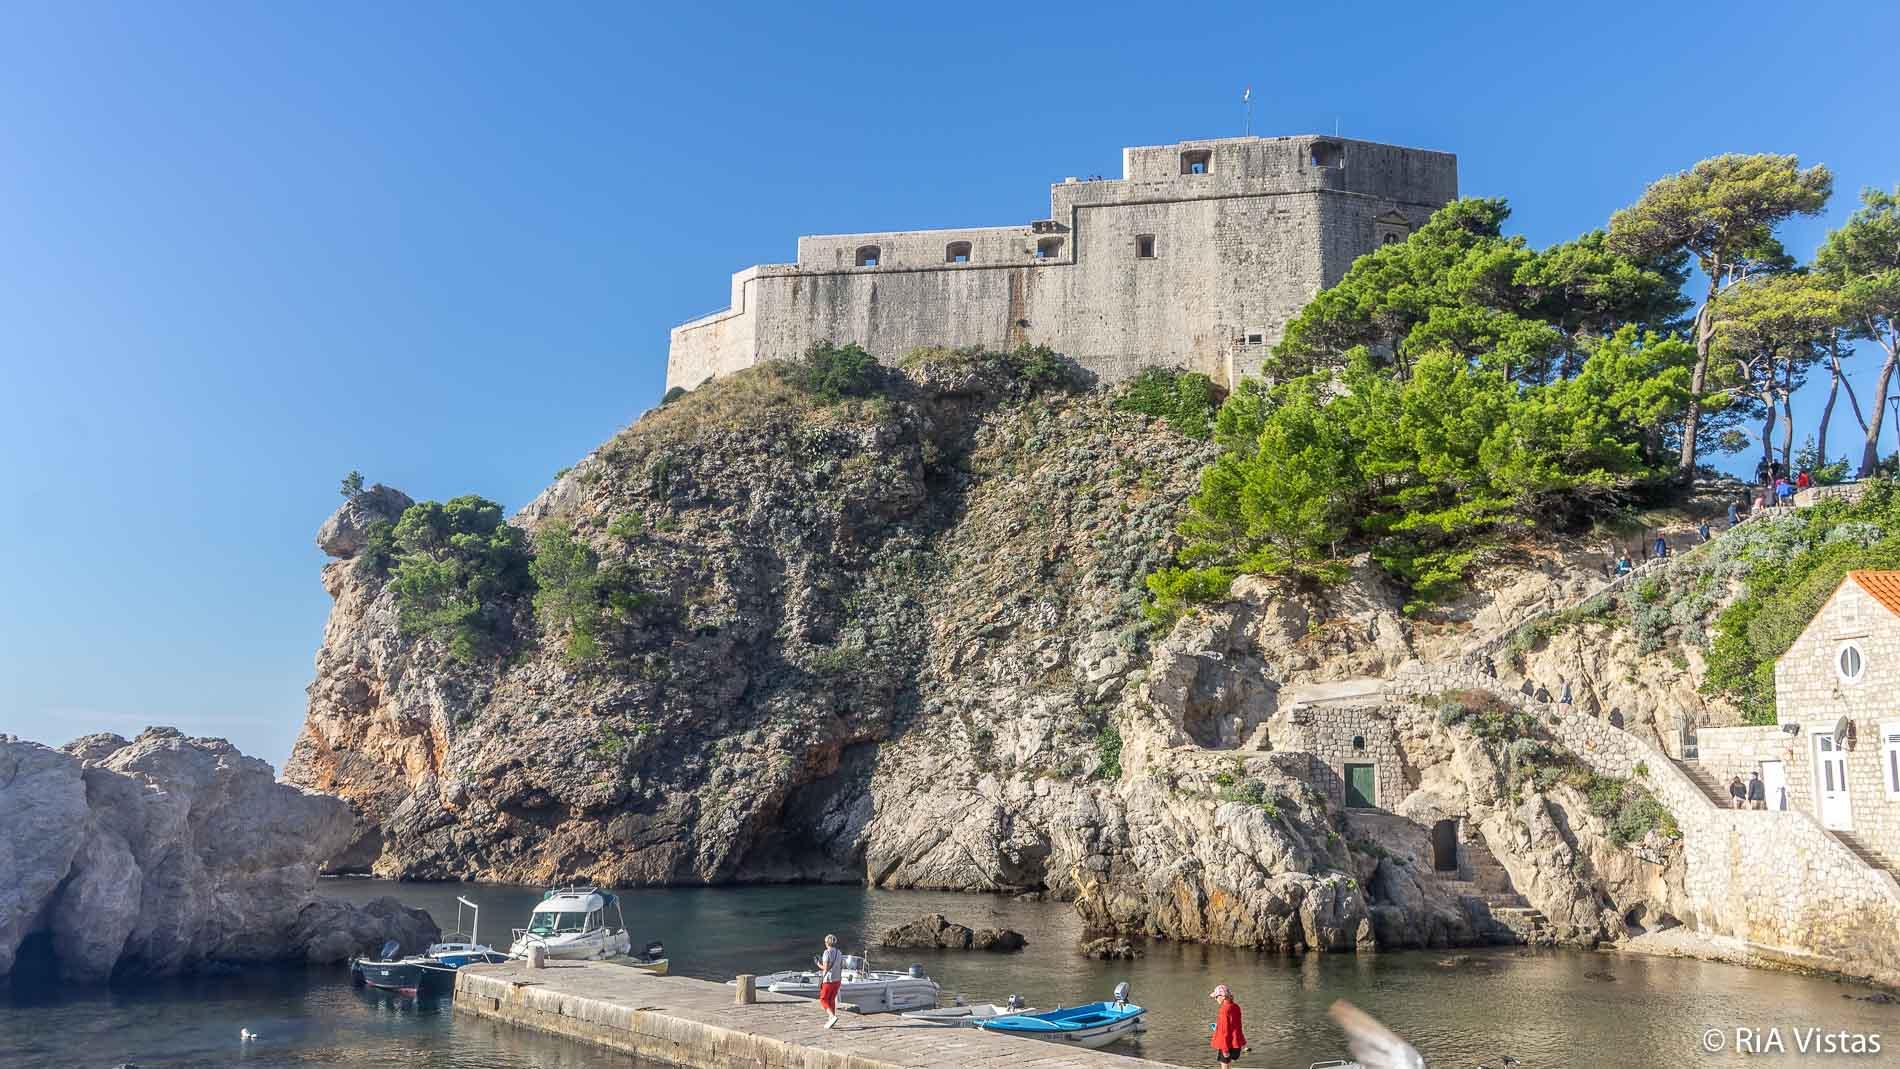 Loverejenic Fort - Dubrovnik Old Town